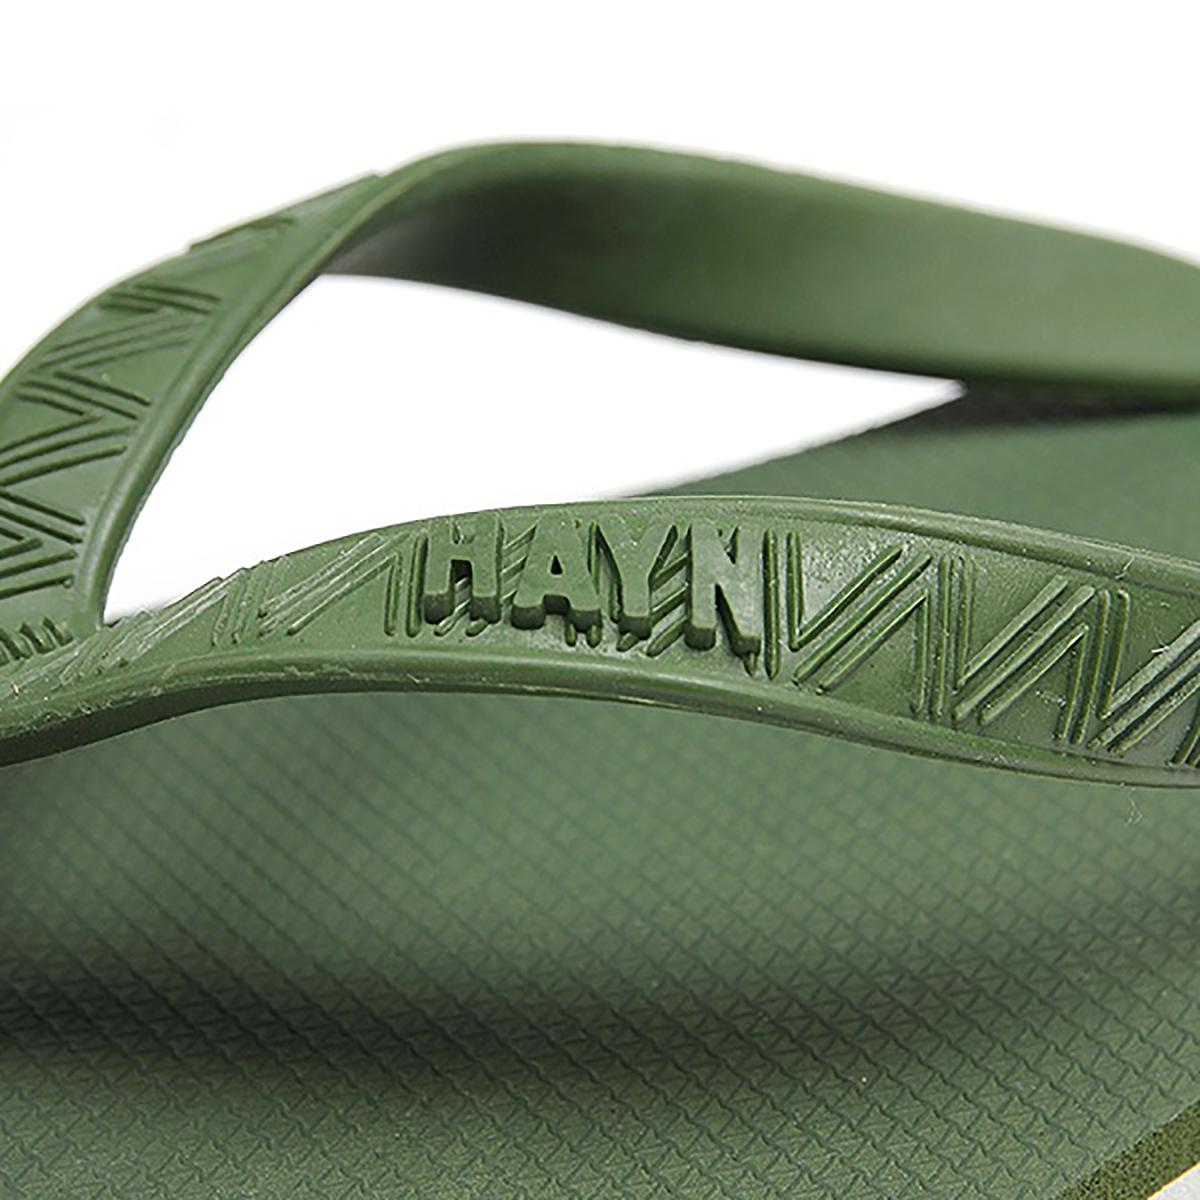 ハワイ生まれのLOHASなビーチサンダル|CORE (MEN) Mauka | 足も心も気持ちいい、ハワイ生まれのビーチサンダル